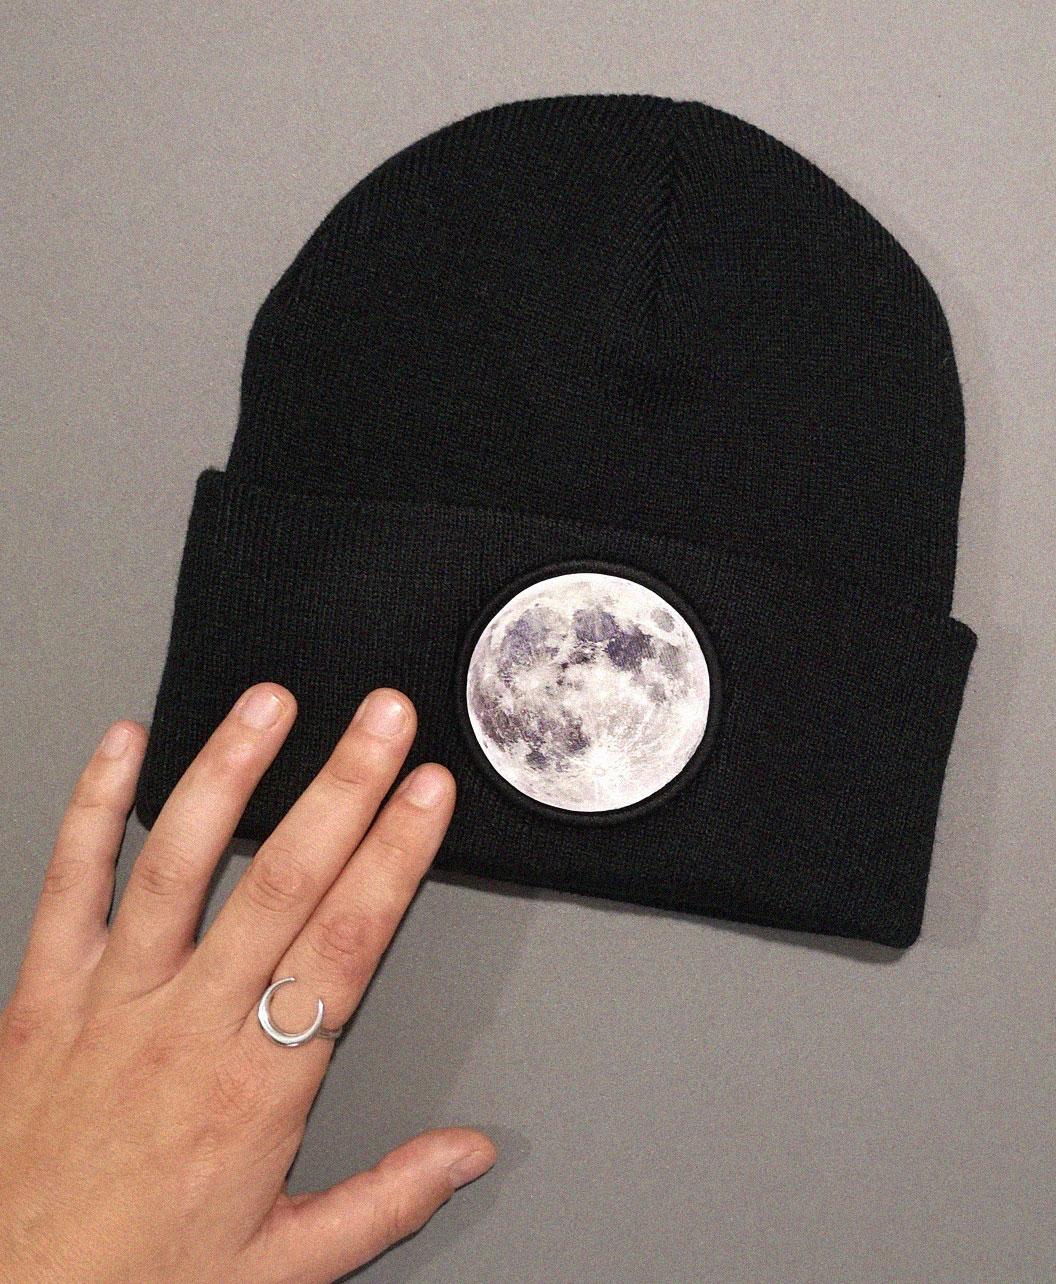 gorro negro calentito original estilo alternativo ilustracion luna llena